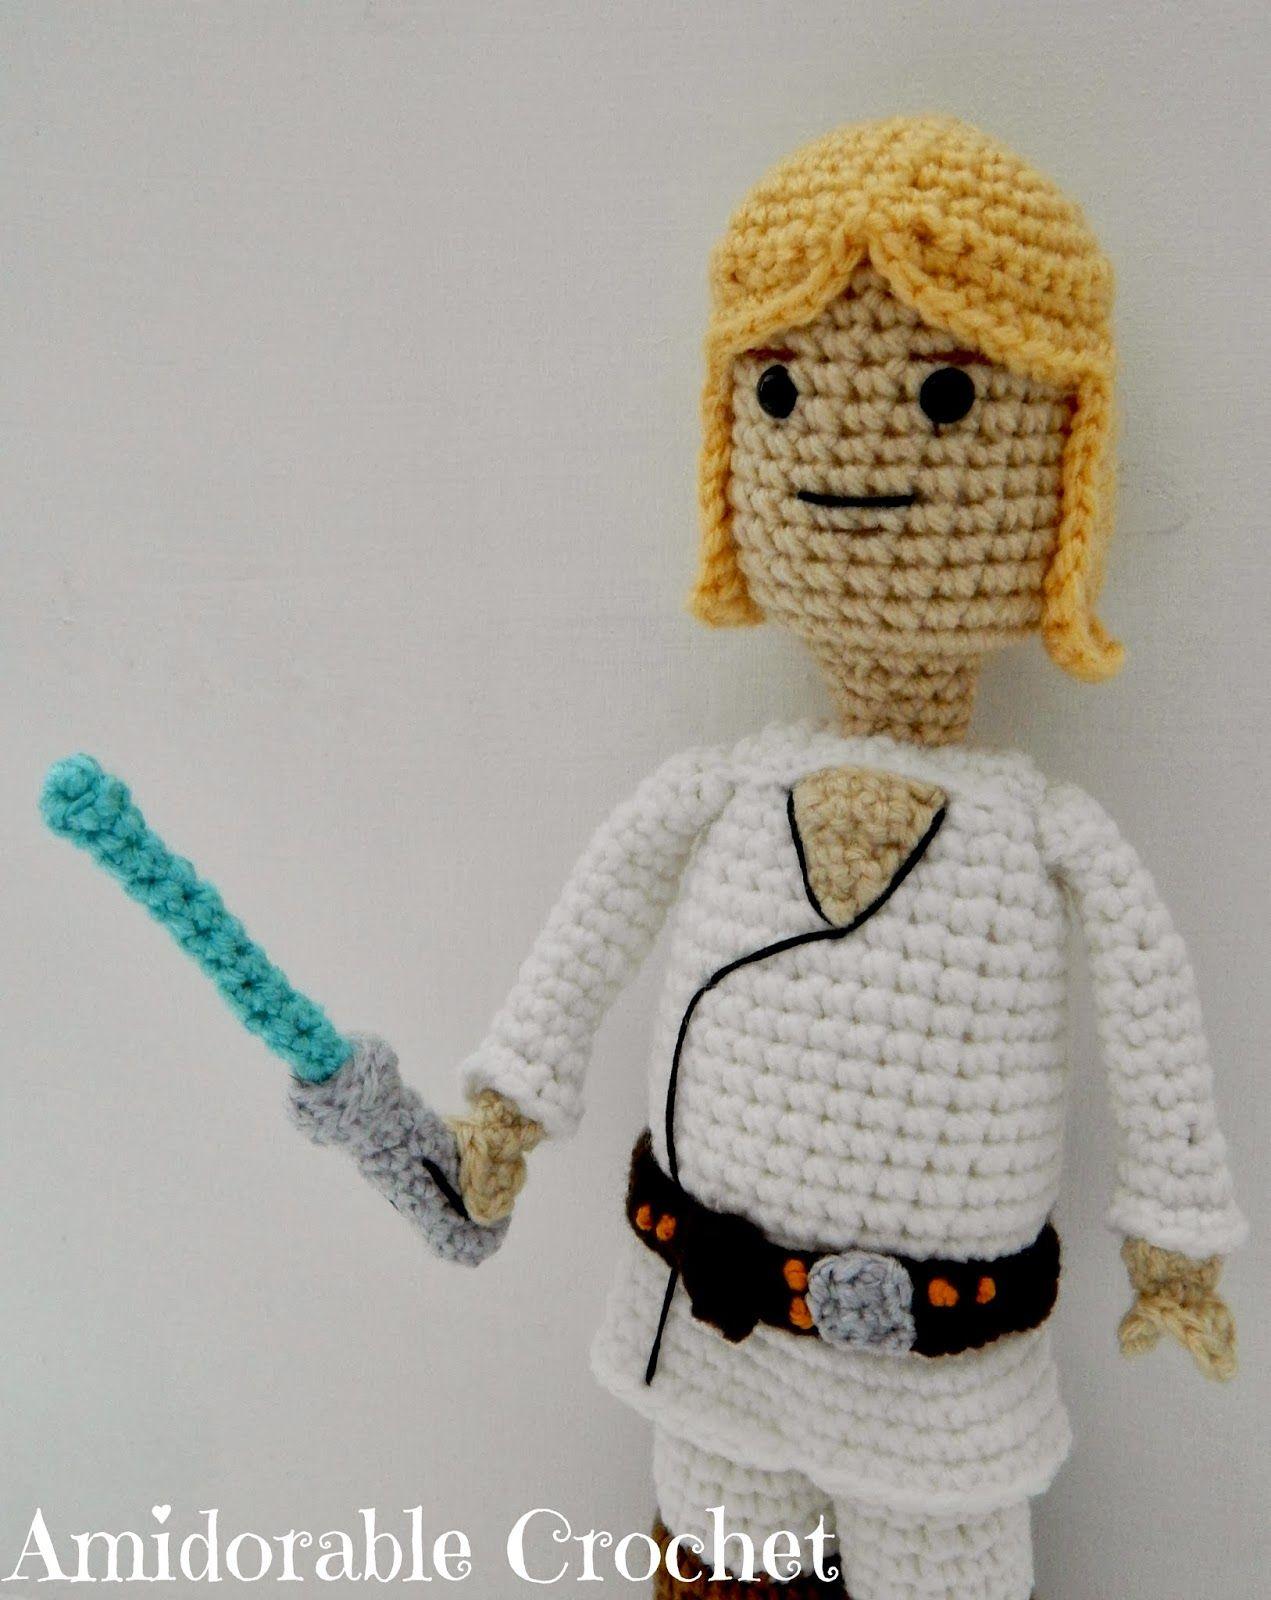 A[mi]dorable Crochet: Luke Skywalker Lego Man Pattern | Crochet ...